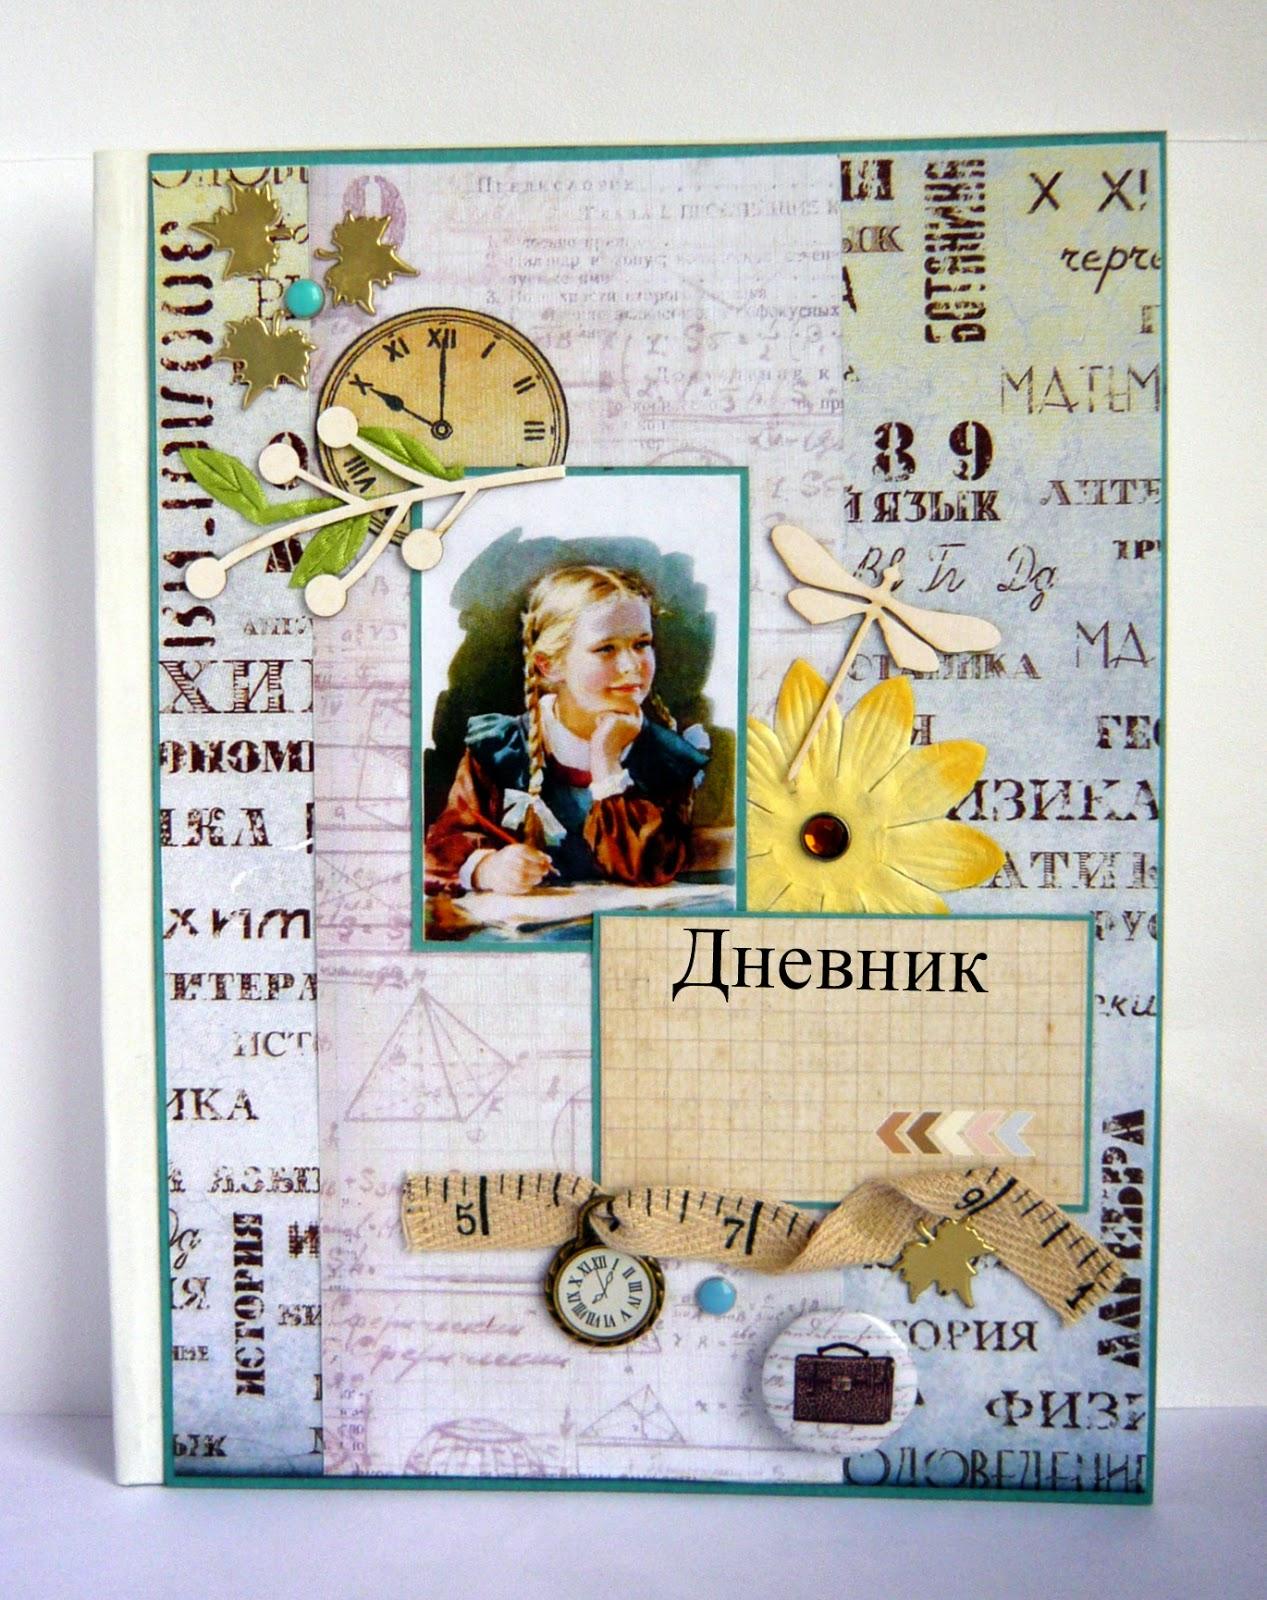 Как оформить обложку читательского дневника своими руками картинки 59